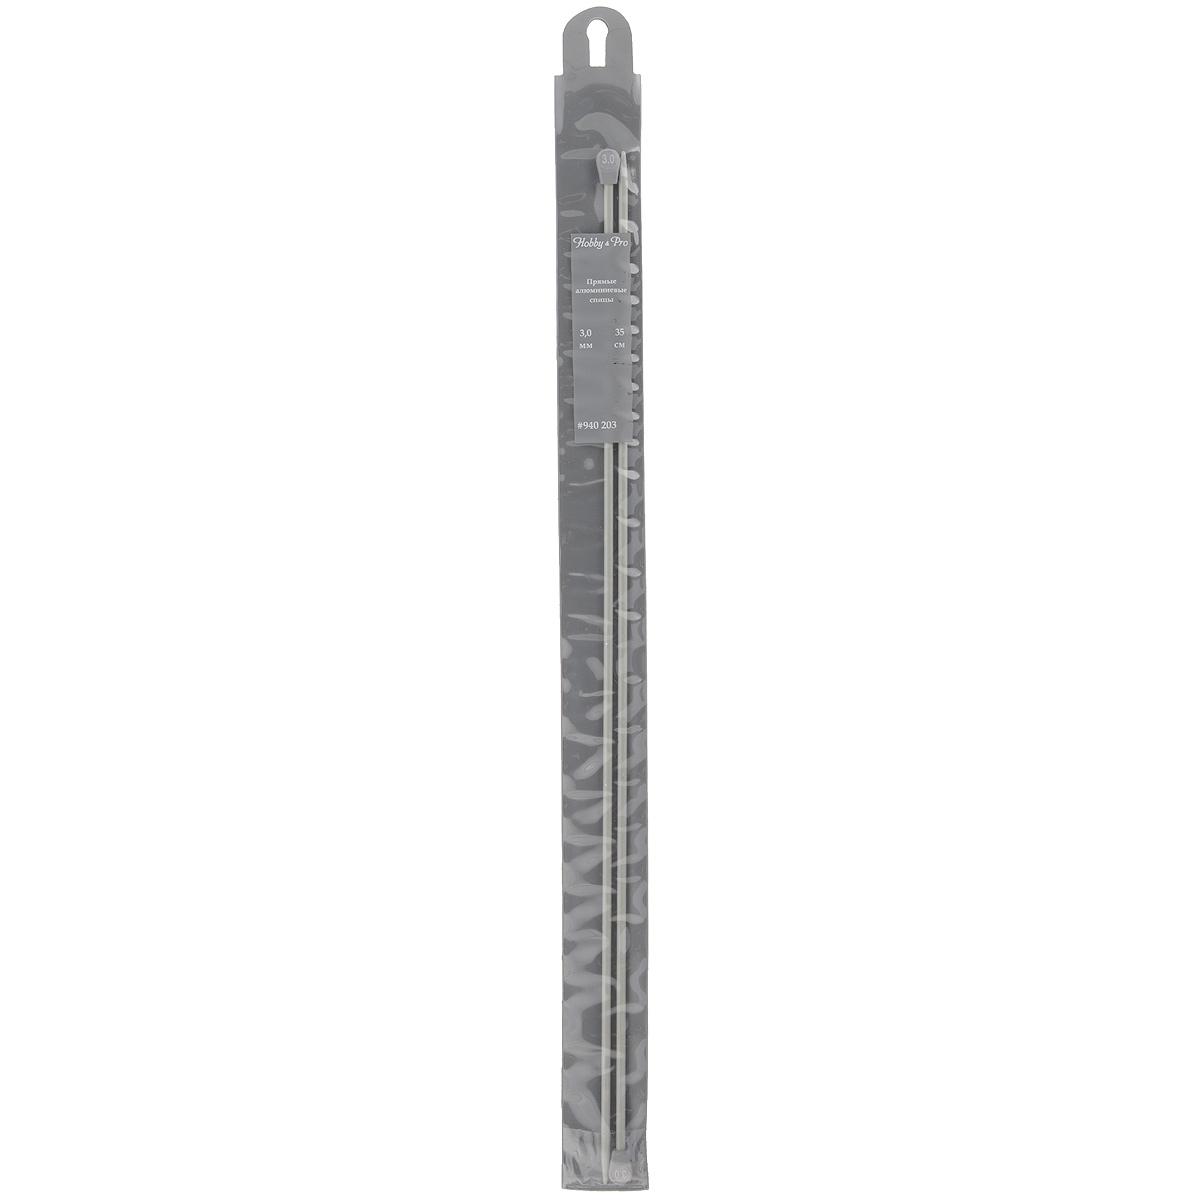 Спицы Hobby & Pro, алюминиевые, прямые, диаметр 3 мм, длина 35 см, 2 шт7700056Спицы для вязания Hobby & Pro изготовлены из алюминия с тефлоновым покрытием. Спицы прочные, легкие, гладкие, удобные в использовании. Ограничители препятствуют соскальзыванию петель. Алюминиевые спицы предназначены для вязания шапочек, варежек, носков и других вещей. Вы сможете вязать для себя и делать подарки друзьям. Рукоделие всегда считалось изысканным, благородным делом. Работа, сделанная своими руками, долго будет радовать вас и ваших близких.